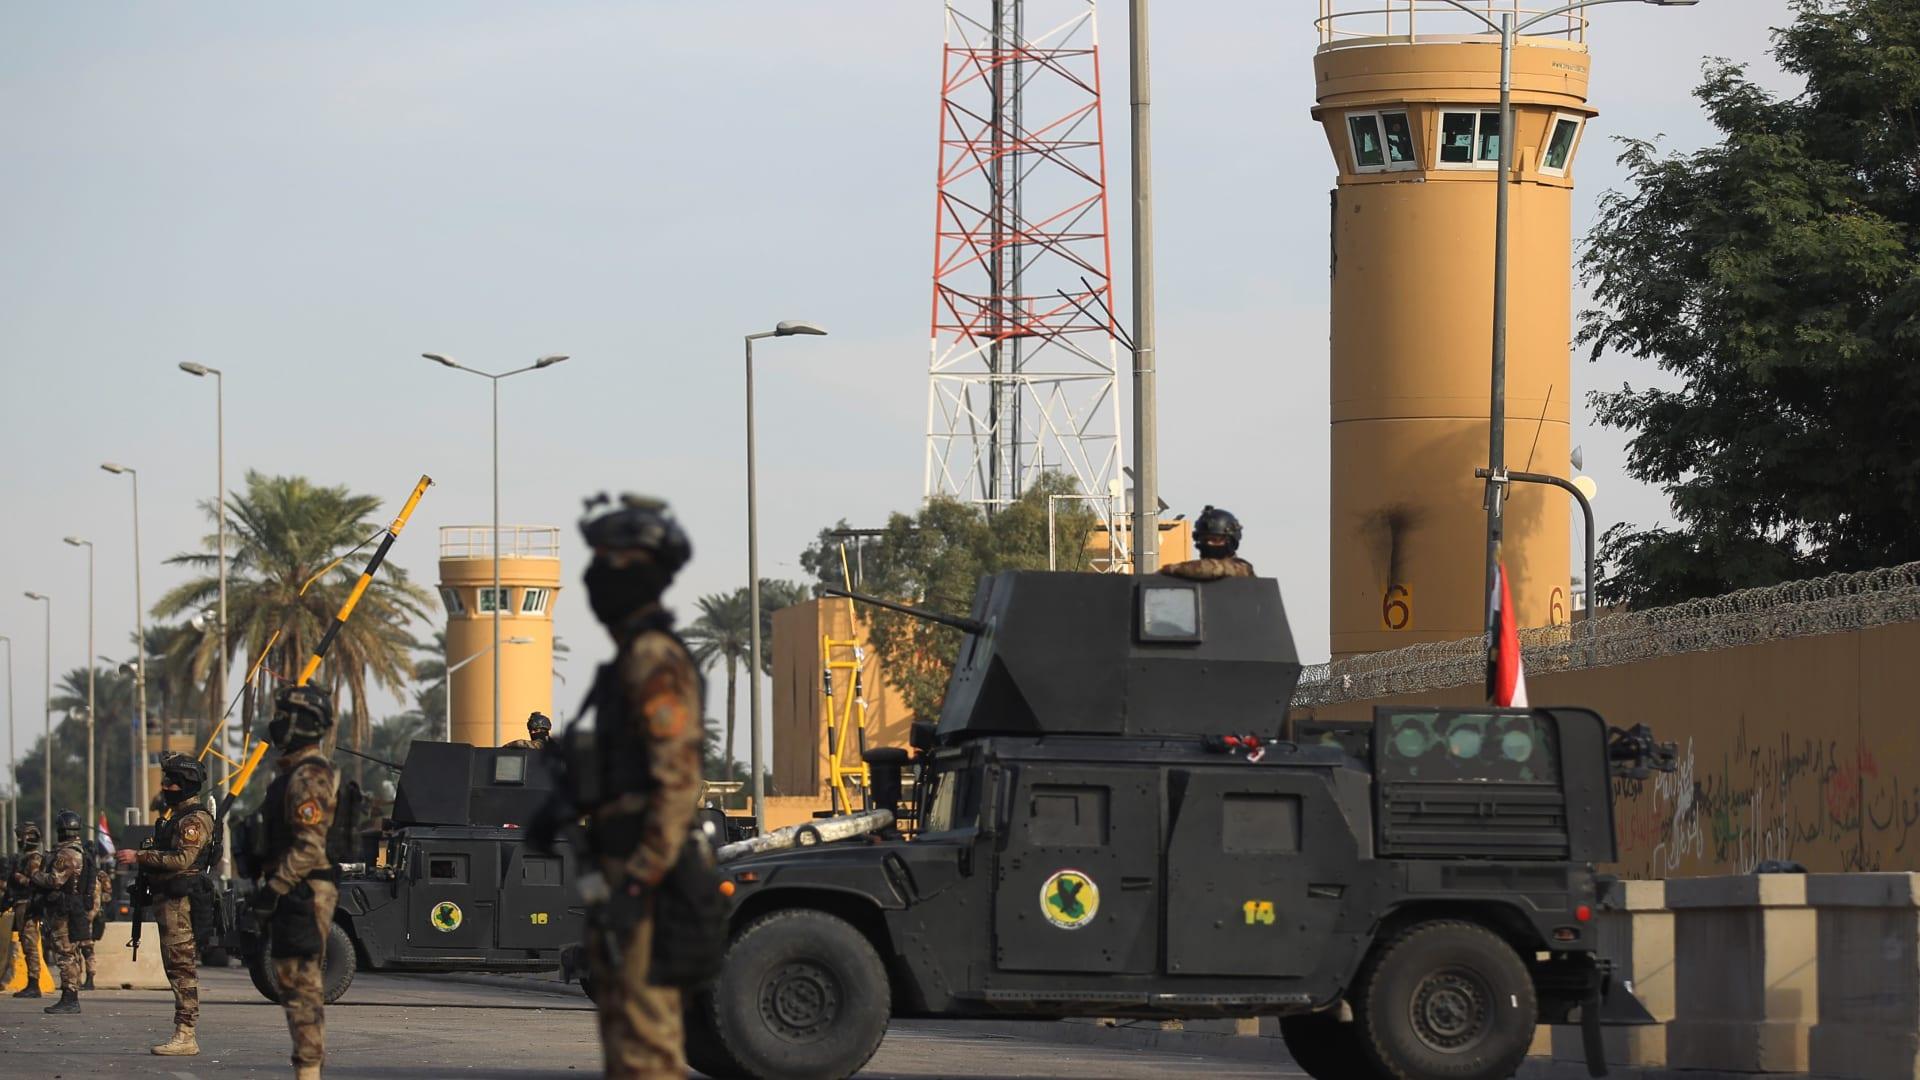 قوات مكافحة الإرهاب العراقية تقف لحراسة السفارة الأمريكية في العاصمة بغداد في 2 يناير 2020